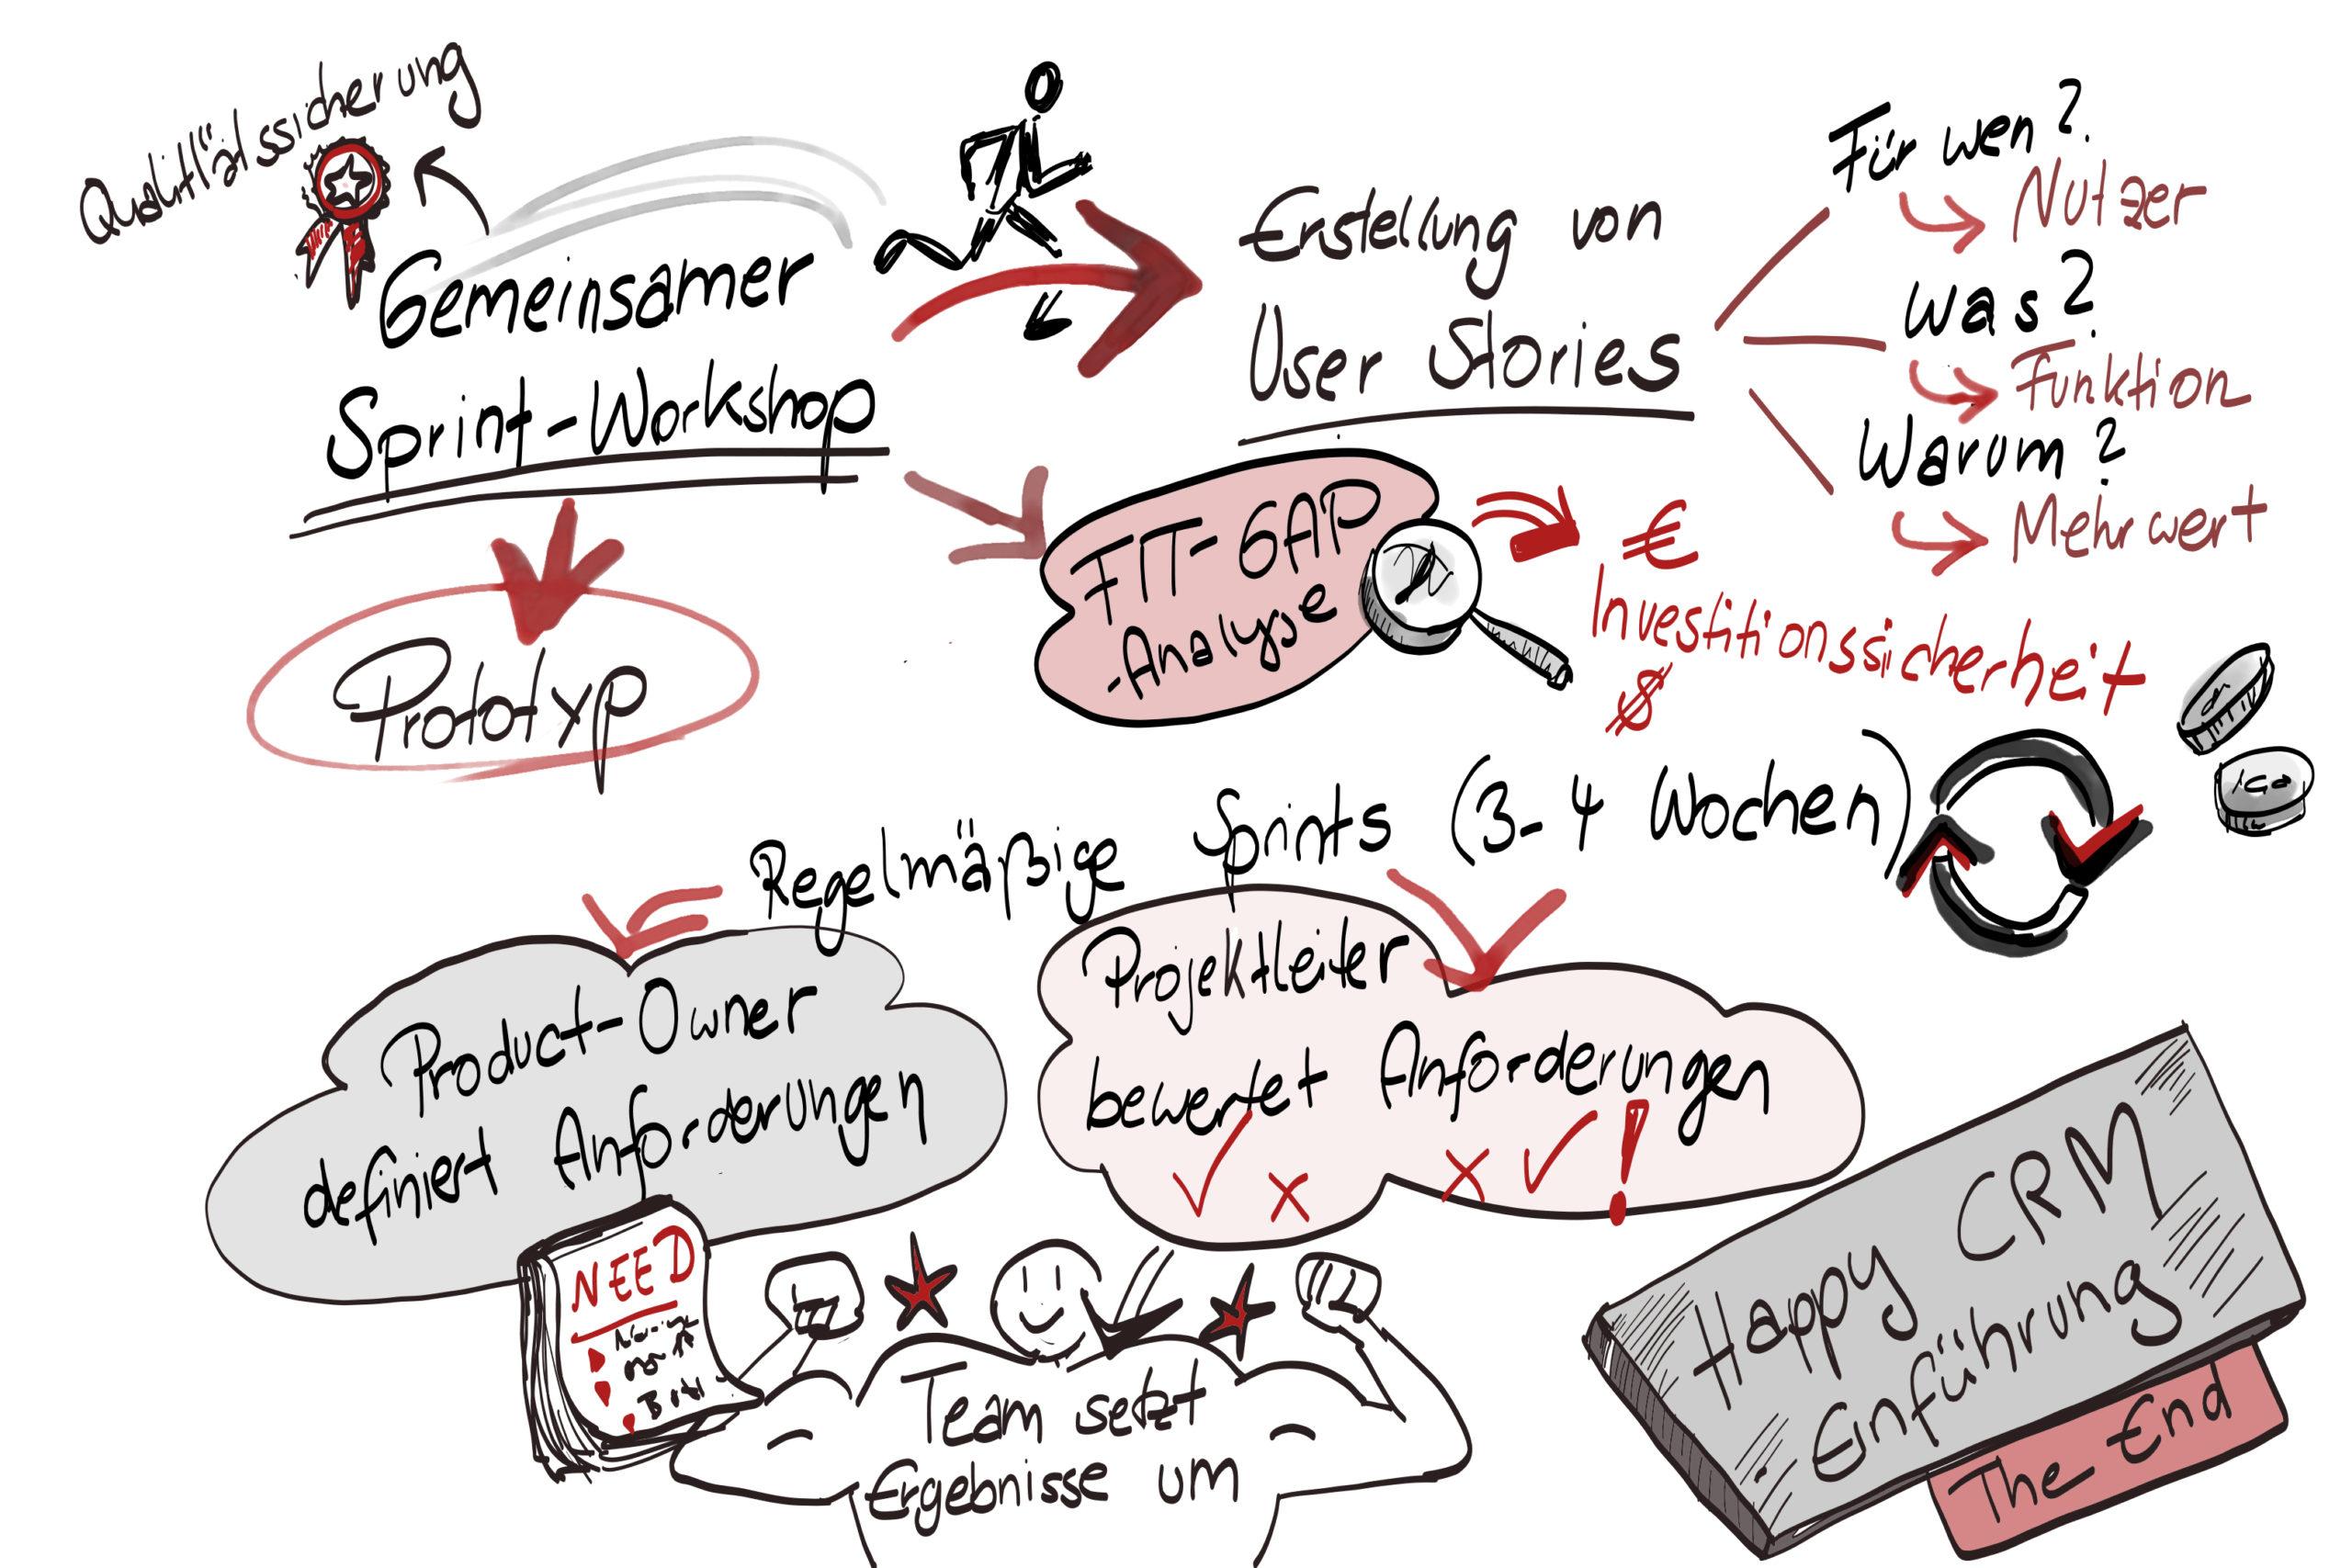 Grafik zur CRM-Einführung, synalis IT-Lösungen Köln Bonn